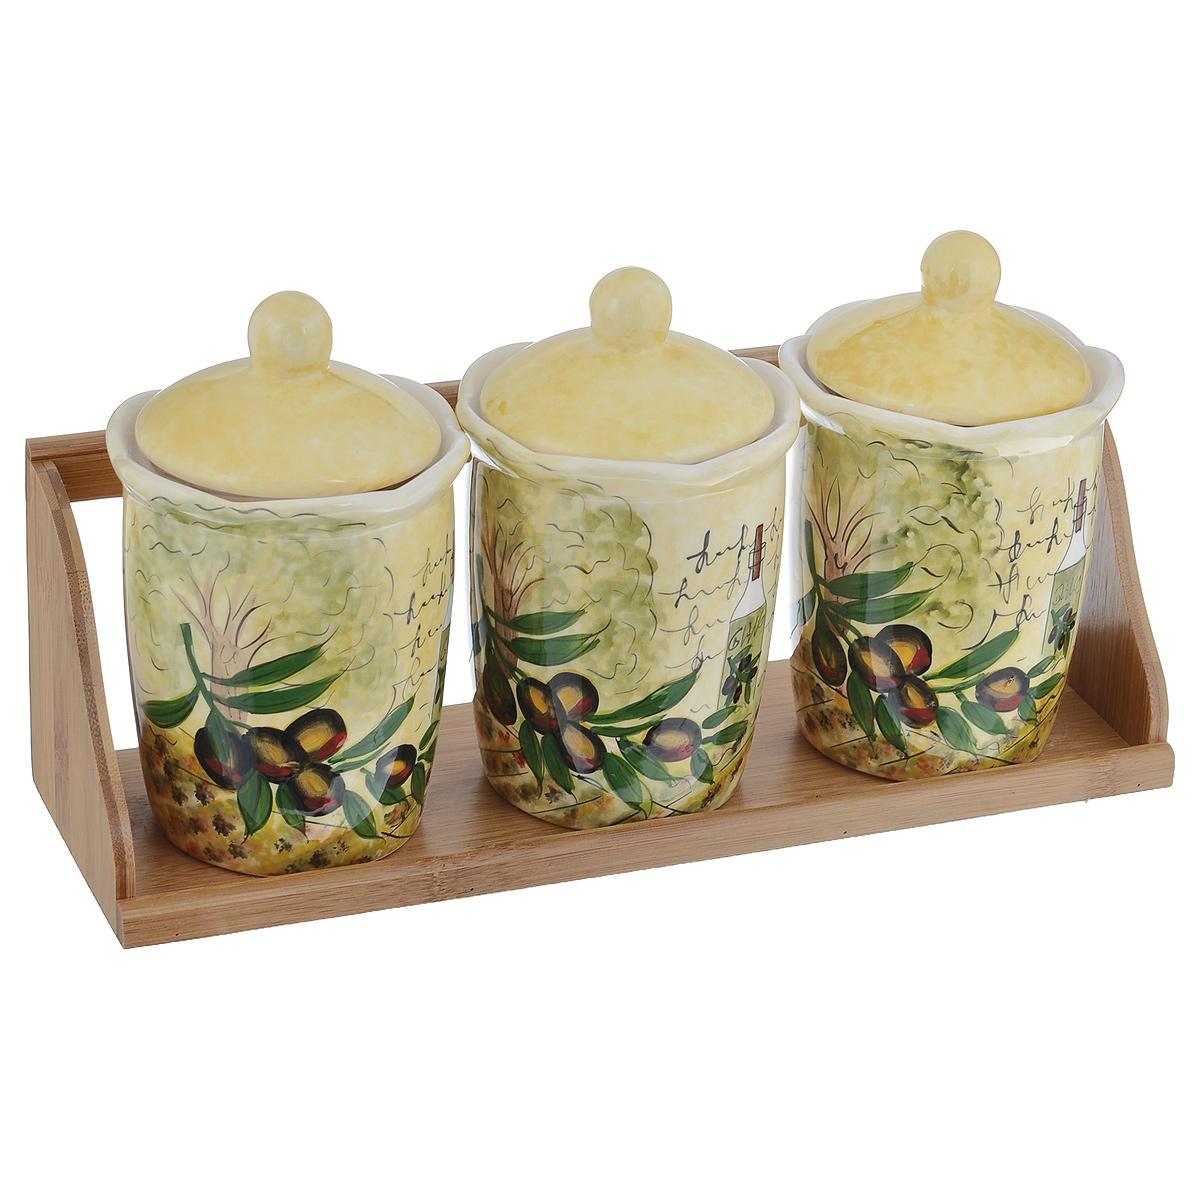 Набор банок для хранения сыпучих продуктов Маслины, 4 предметаDFC02076-02208 BO 3/SНабор Маслины состоит из трех больших банок и подставки. Предметы набора изготовлены из доломитовой керамики и декорированы изображением маслин. Изделия помещаются на удобную деревянную подставку. Оригинальный дизайн, эстетичность и функциональность набора позволят ему стать достойным дополнением к кухонному инвентарю.Можно мыть в посудомоечной машине на минимальной температуре.Диаметр основания емкости: 7,5 см.Высота емкости (без учета крышки): 12,5 см.Объём каждой банки: 550 мл.Размер подставки: 34 х 10,5 х 11,5 см.